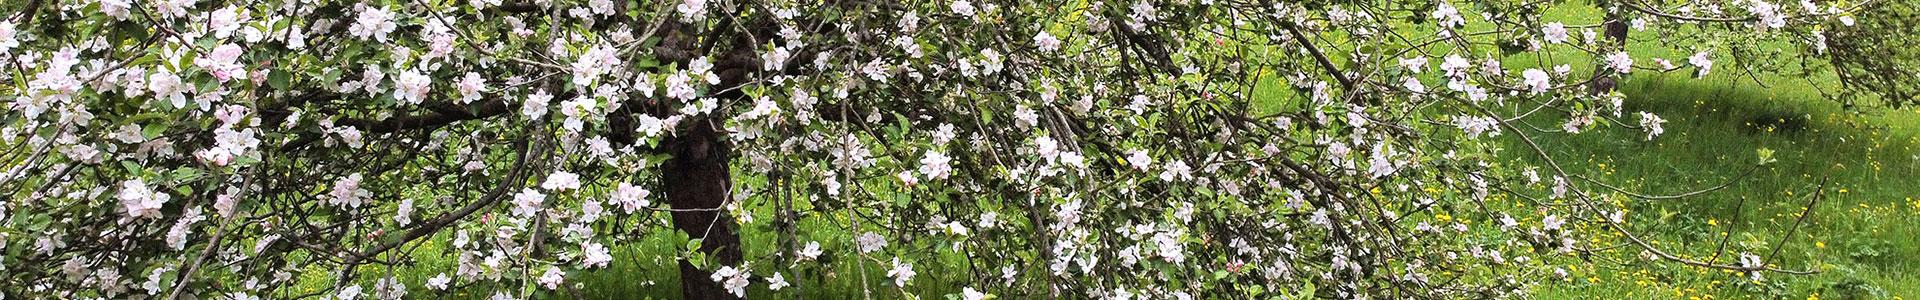 Blühender Kirschbaum im Gewerbepark Rothenburg ob der Tauber und Umland